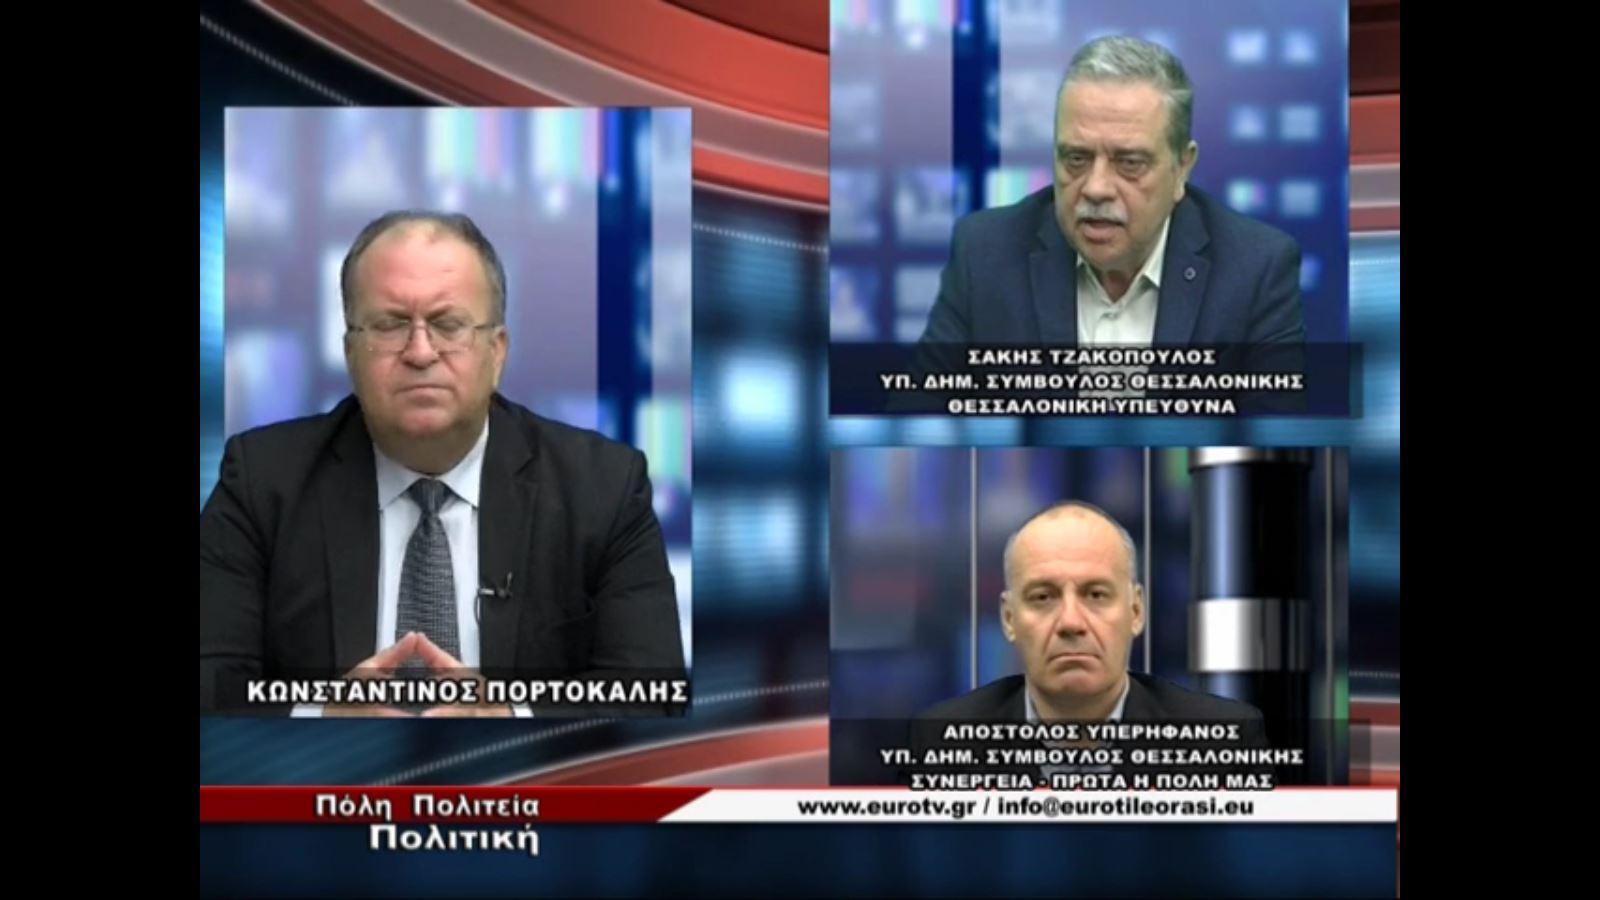 22-3-2019 Διάλογος στο EURO channel στην εκπομπή Πόλη Πολιτεία Πολιτική  με τον Κωνσταντίνο Πορτοκάλη